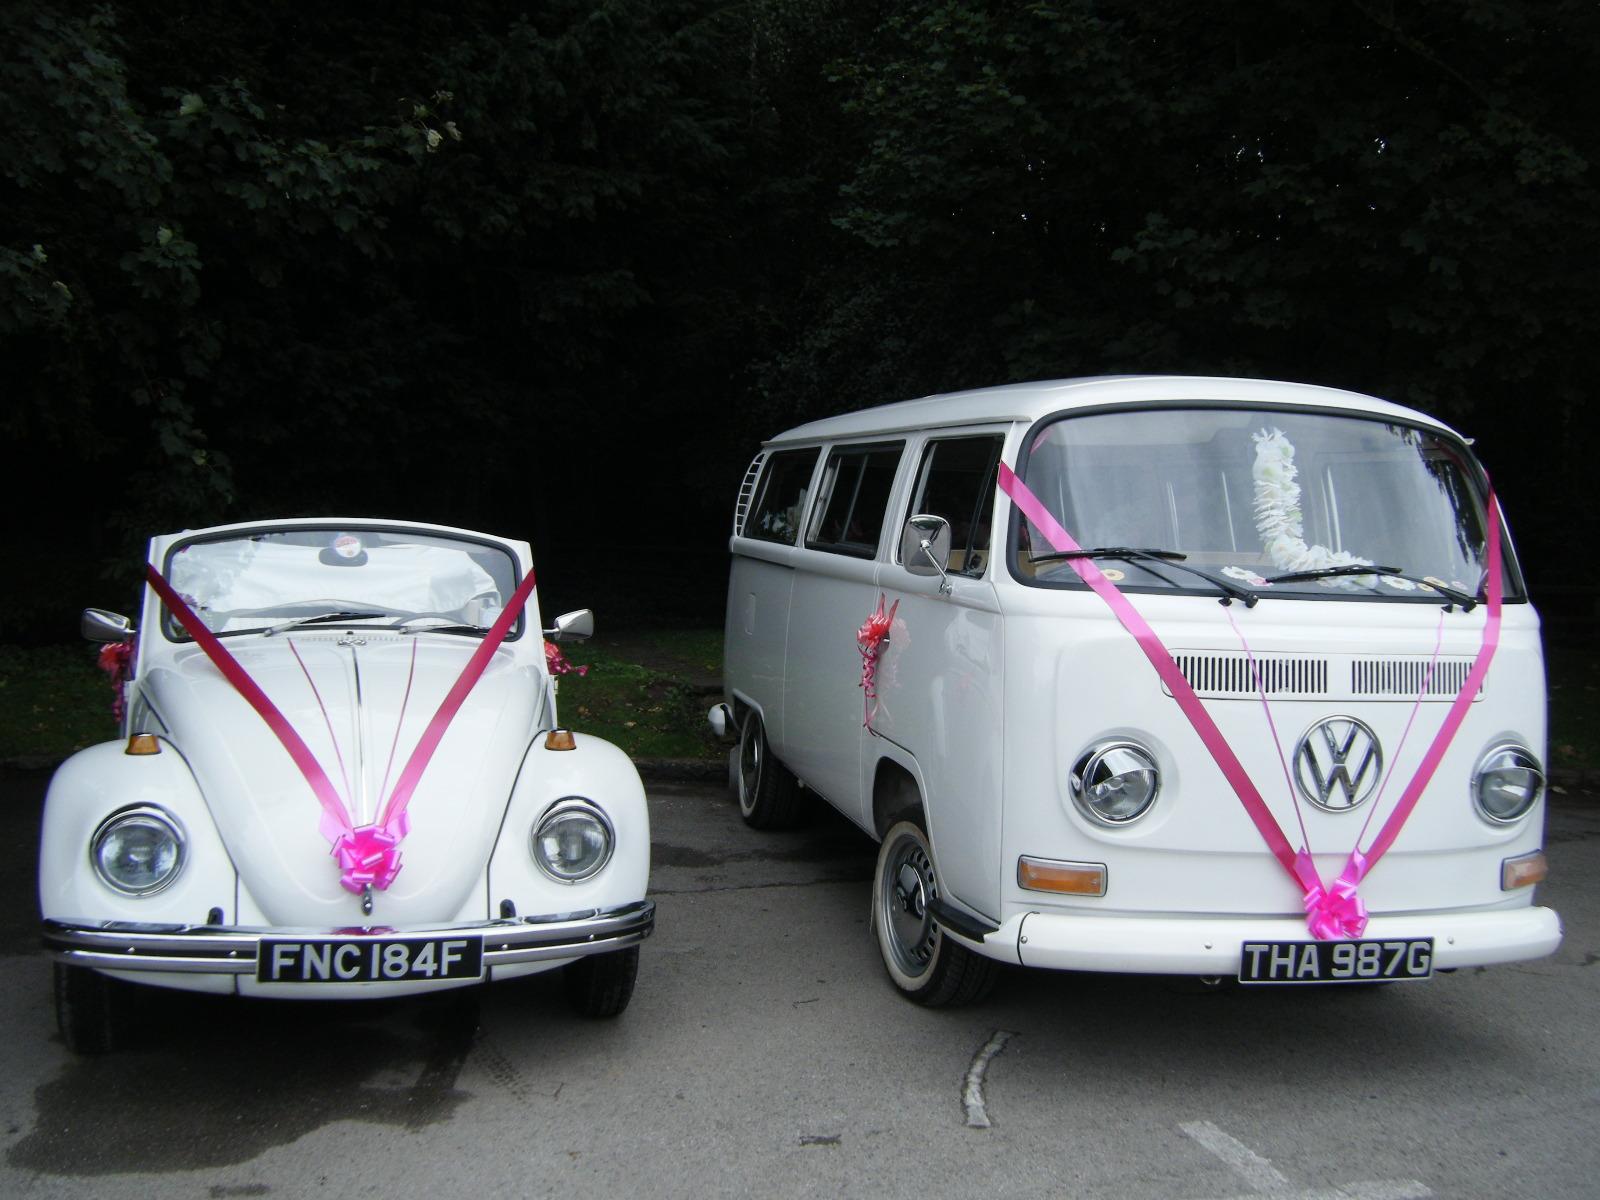 Vw Beetle/Campervans | North East Wedding Car Hire for Durham